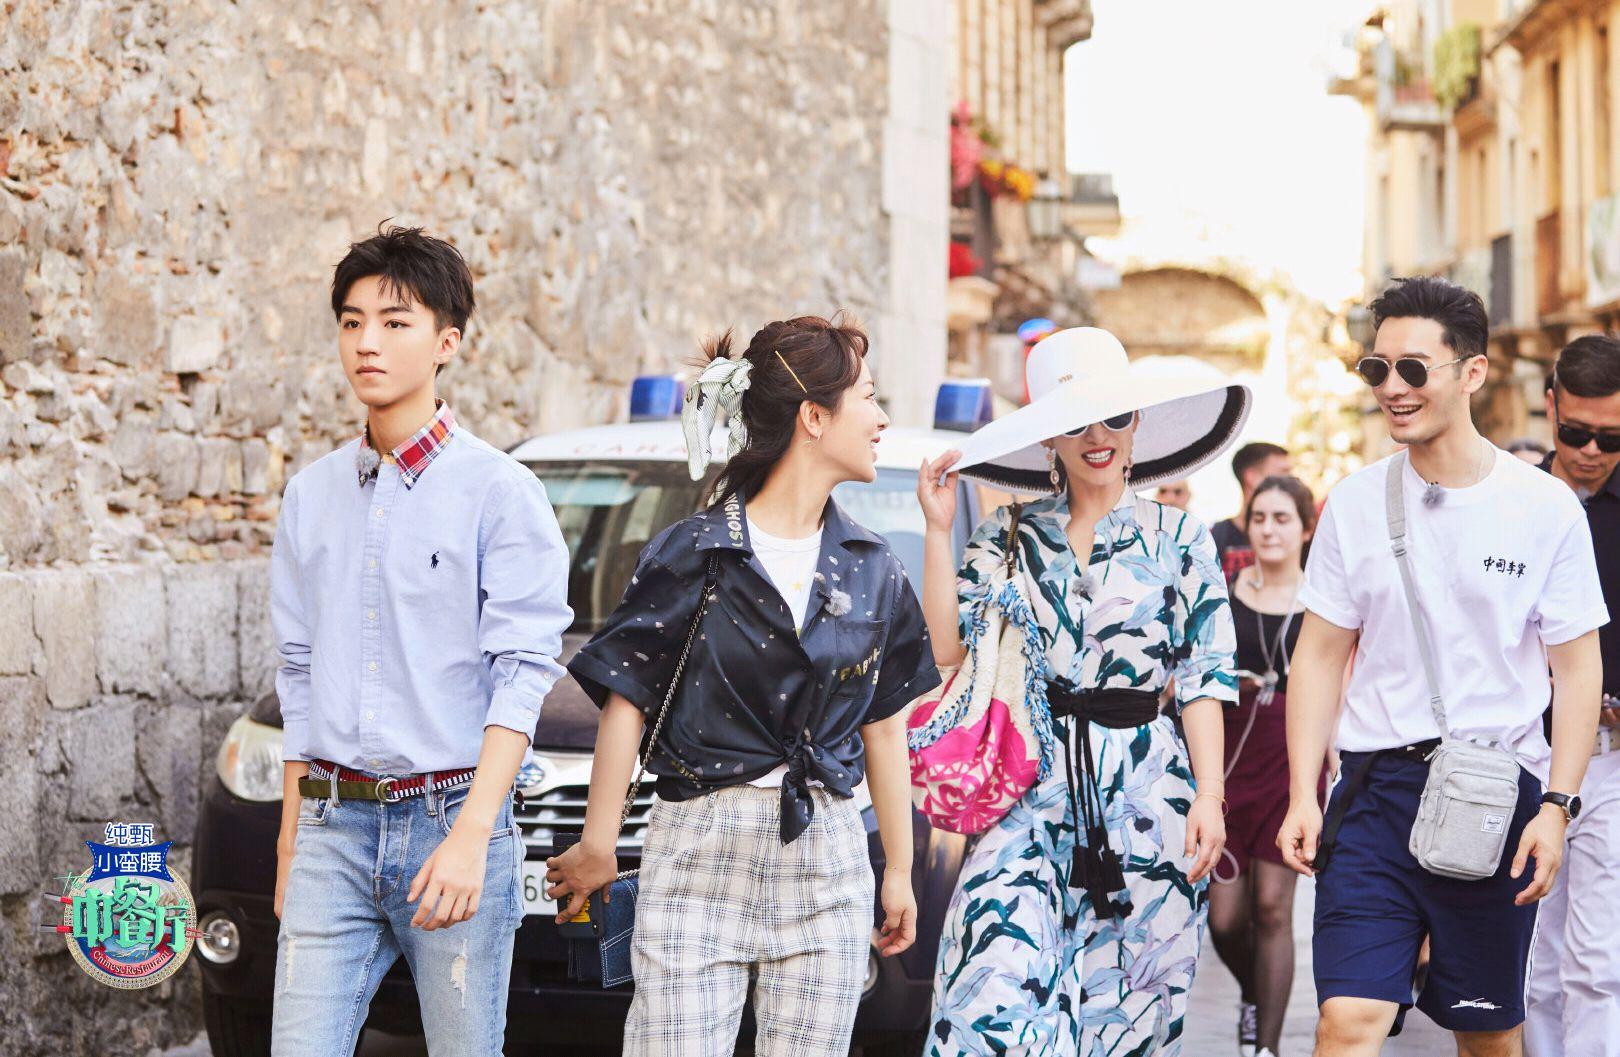 《中餐厅》颜值担当:王俊凯和杨紫大型时尚秀,梳头姐弟太会穿了